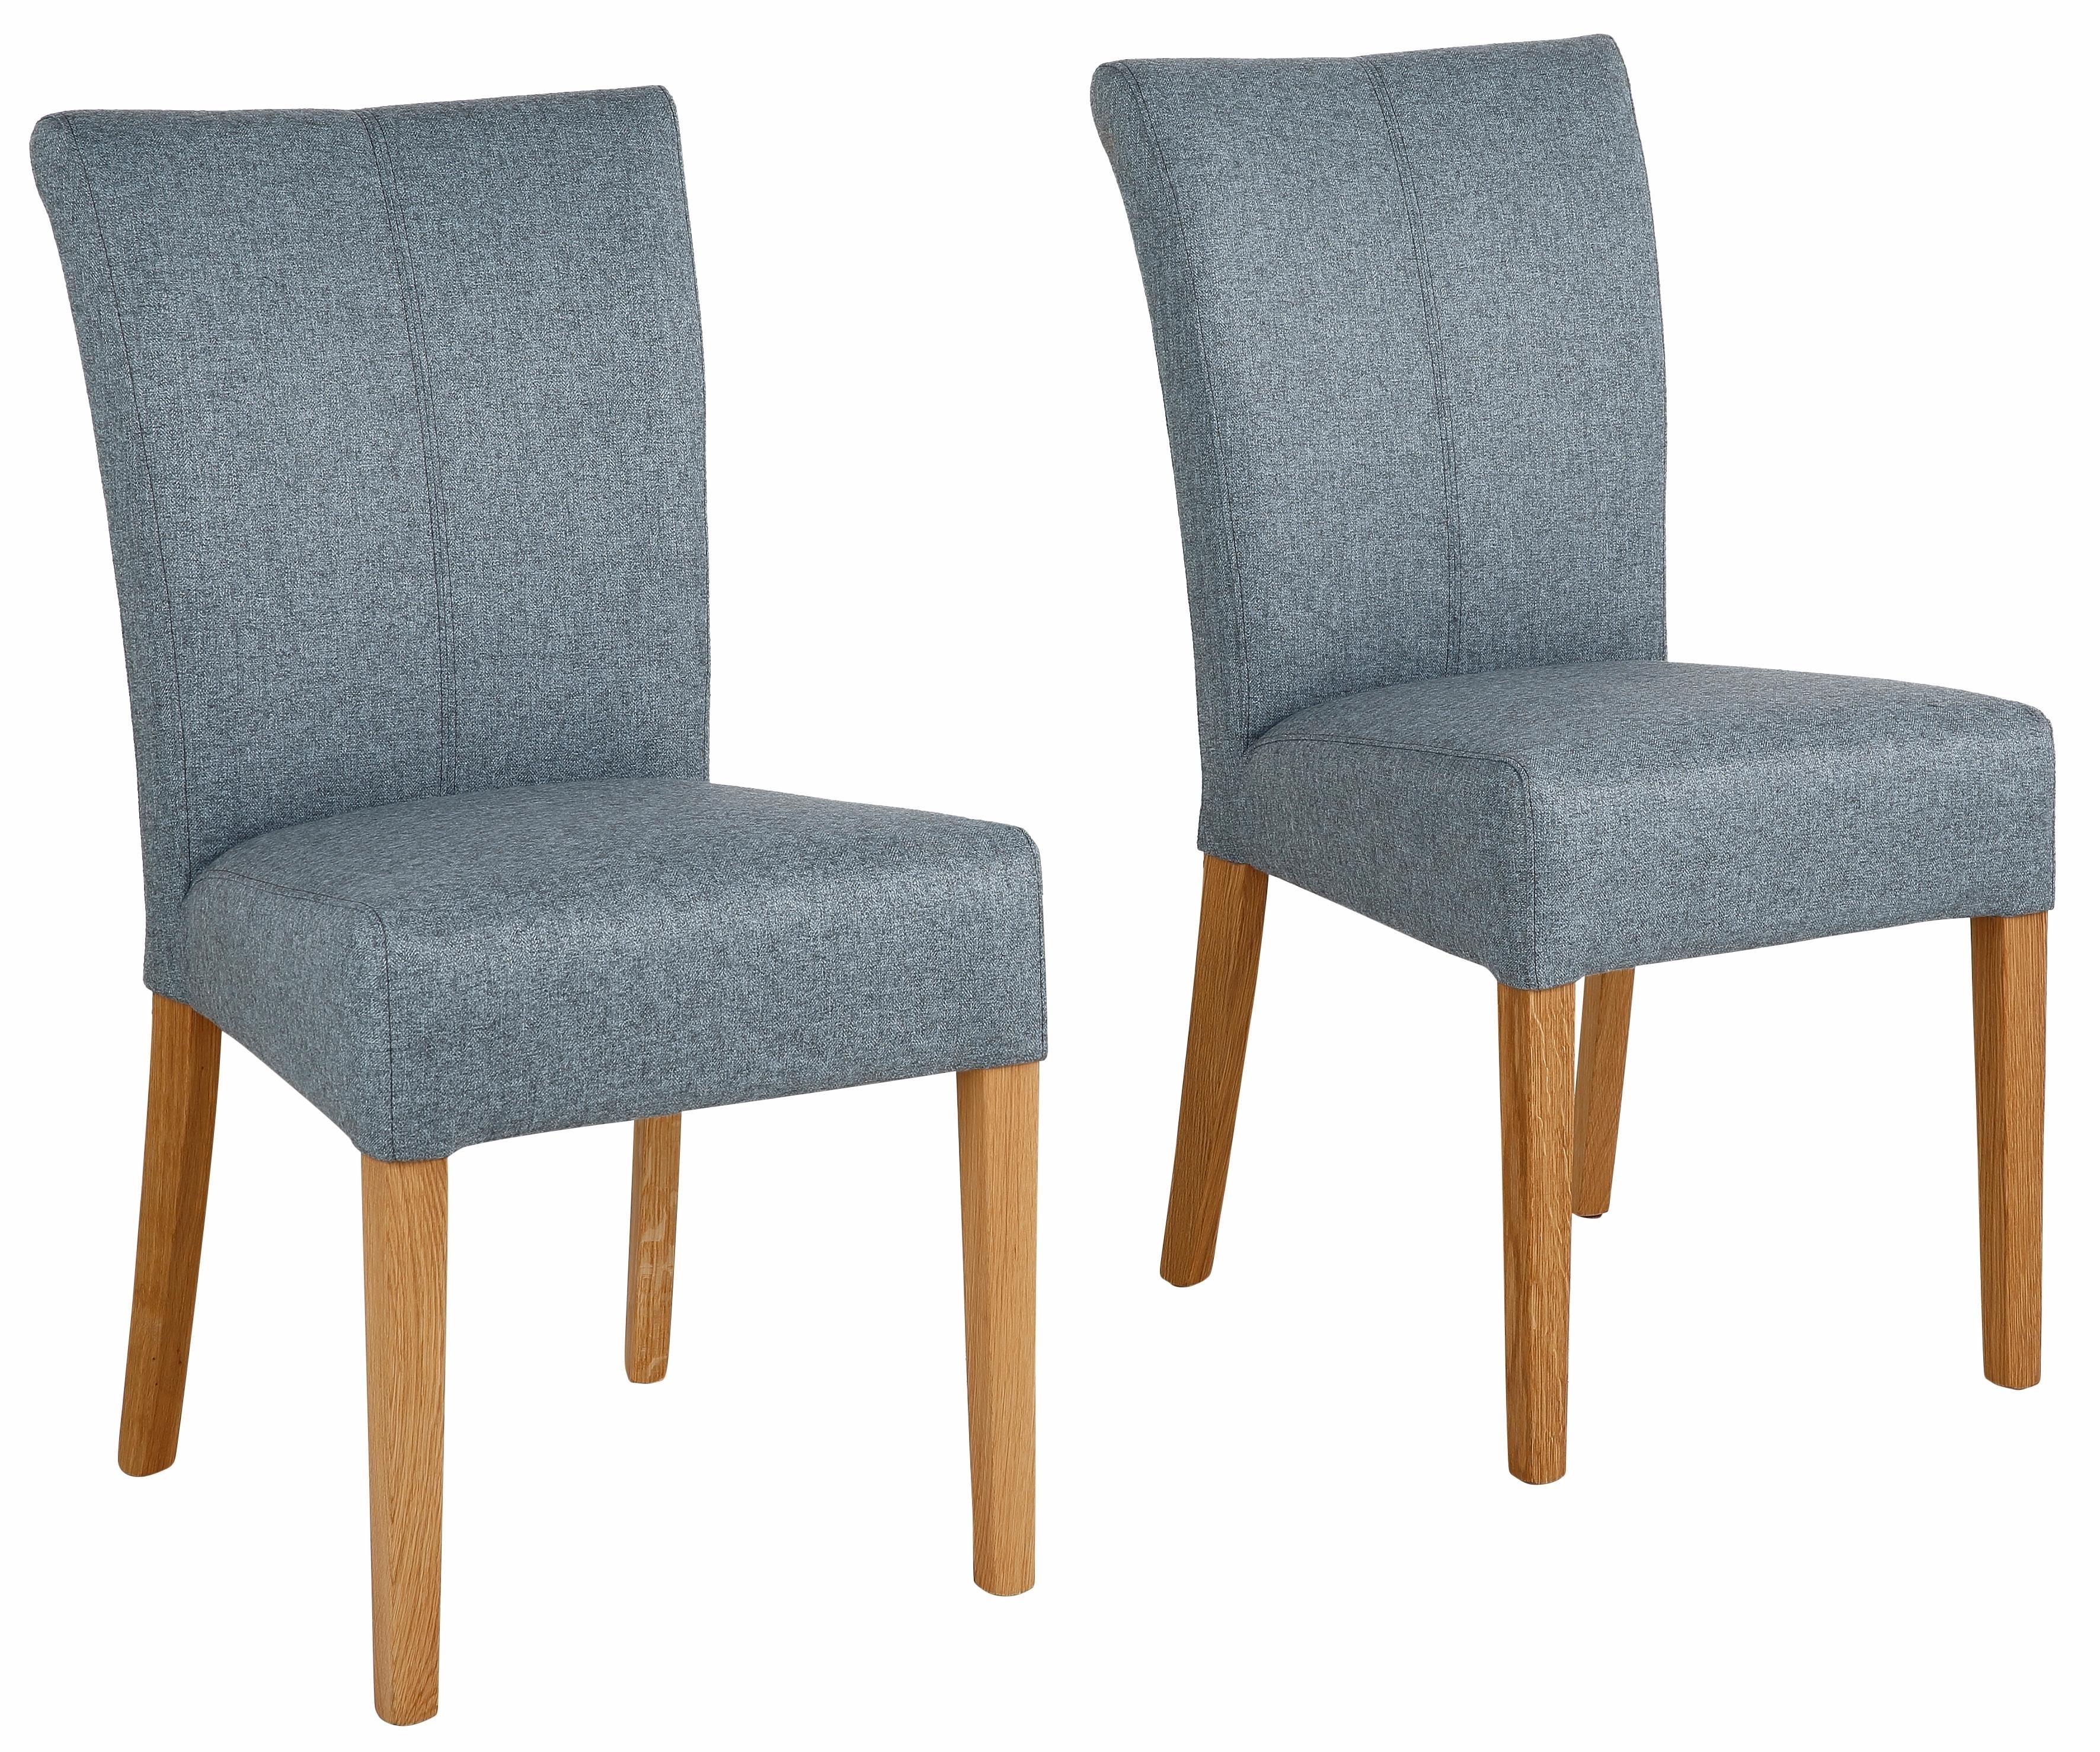 Home Affaire stoel »Queen« in set van 2, overtrokken met geweven of structuurstof of imitatieleer veilig op otto.nl kopen